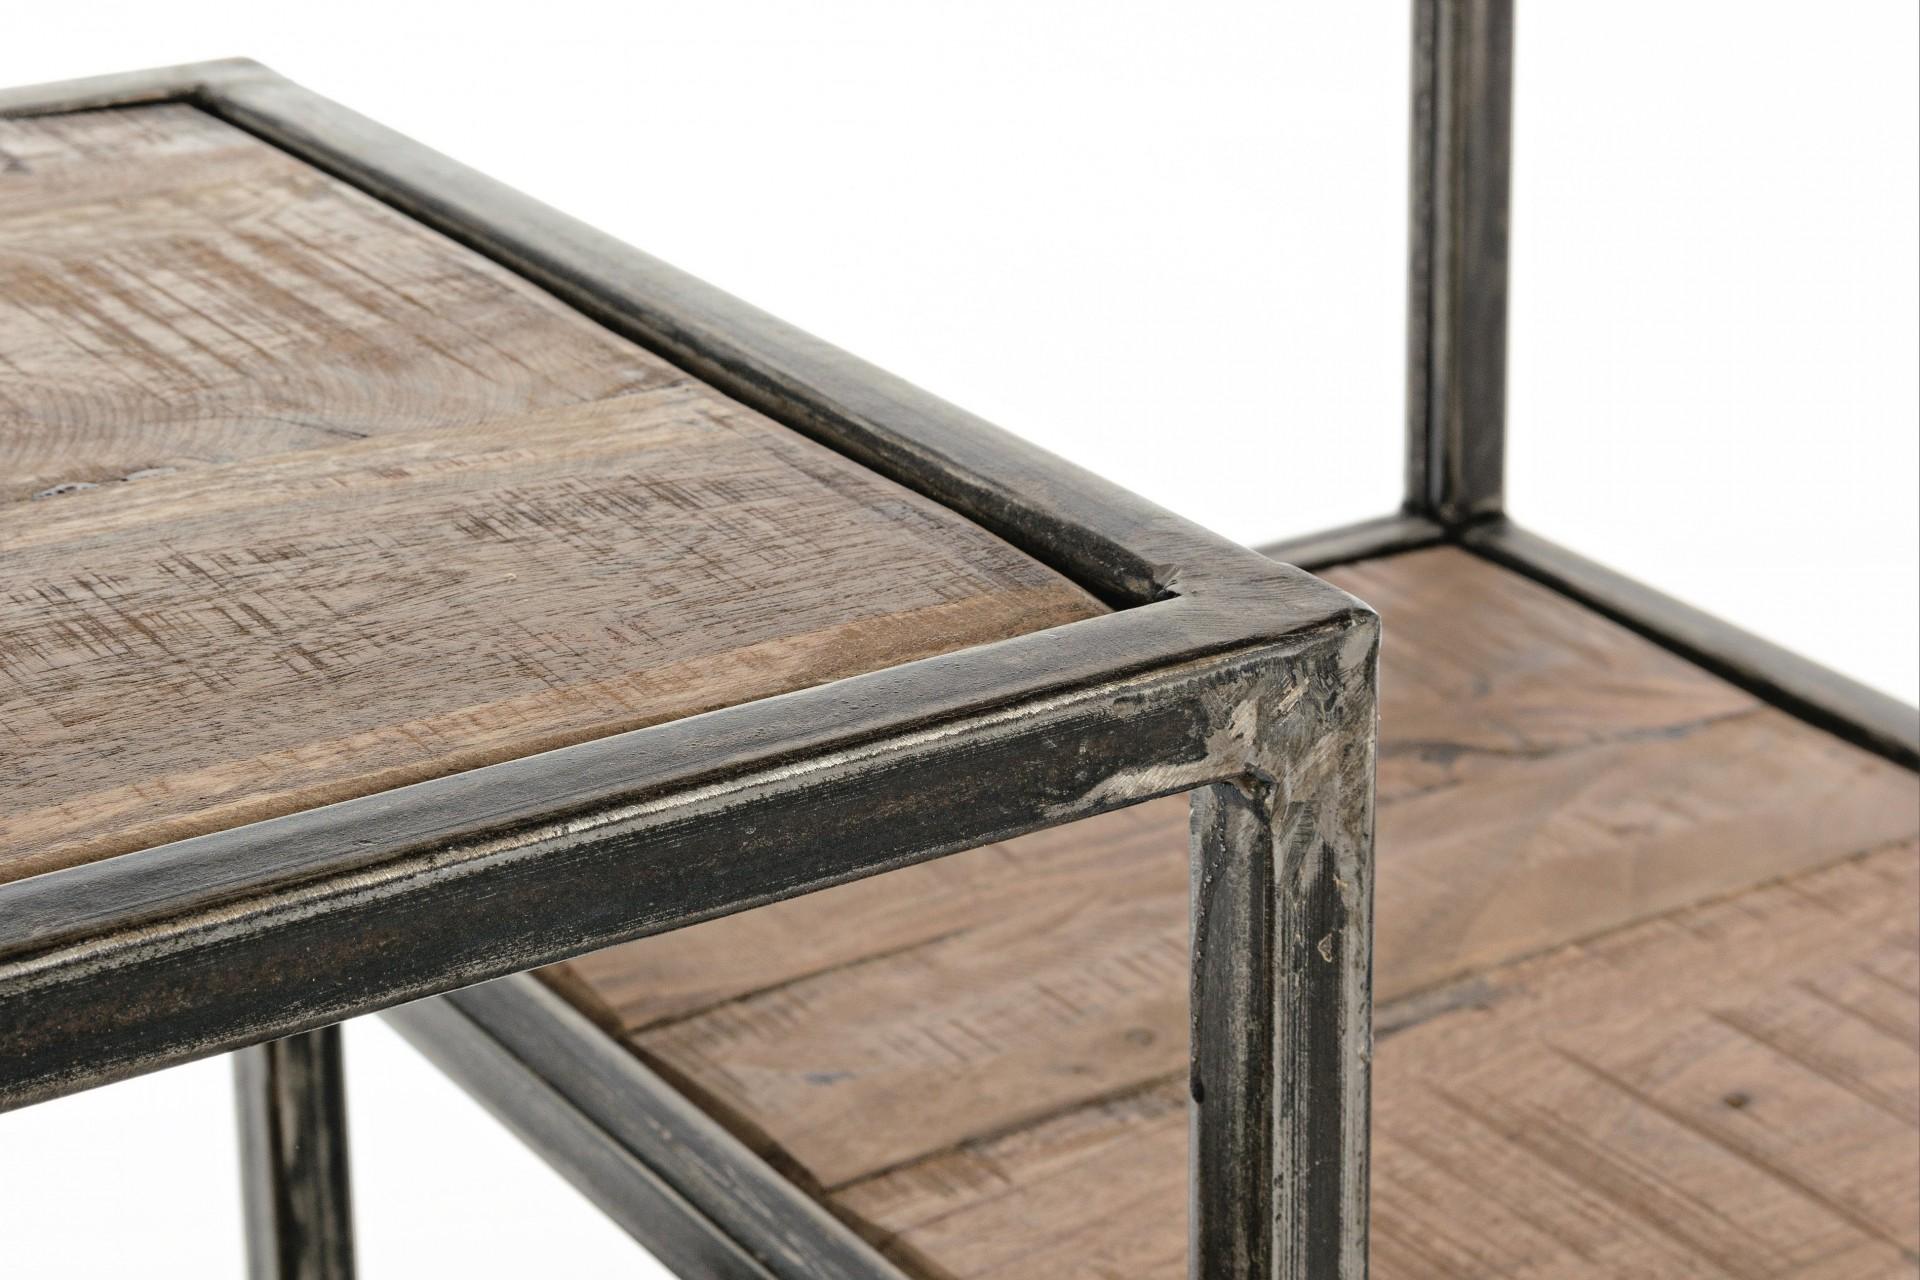 Estante metal e madeira Elmer